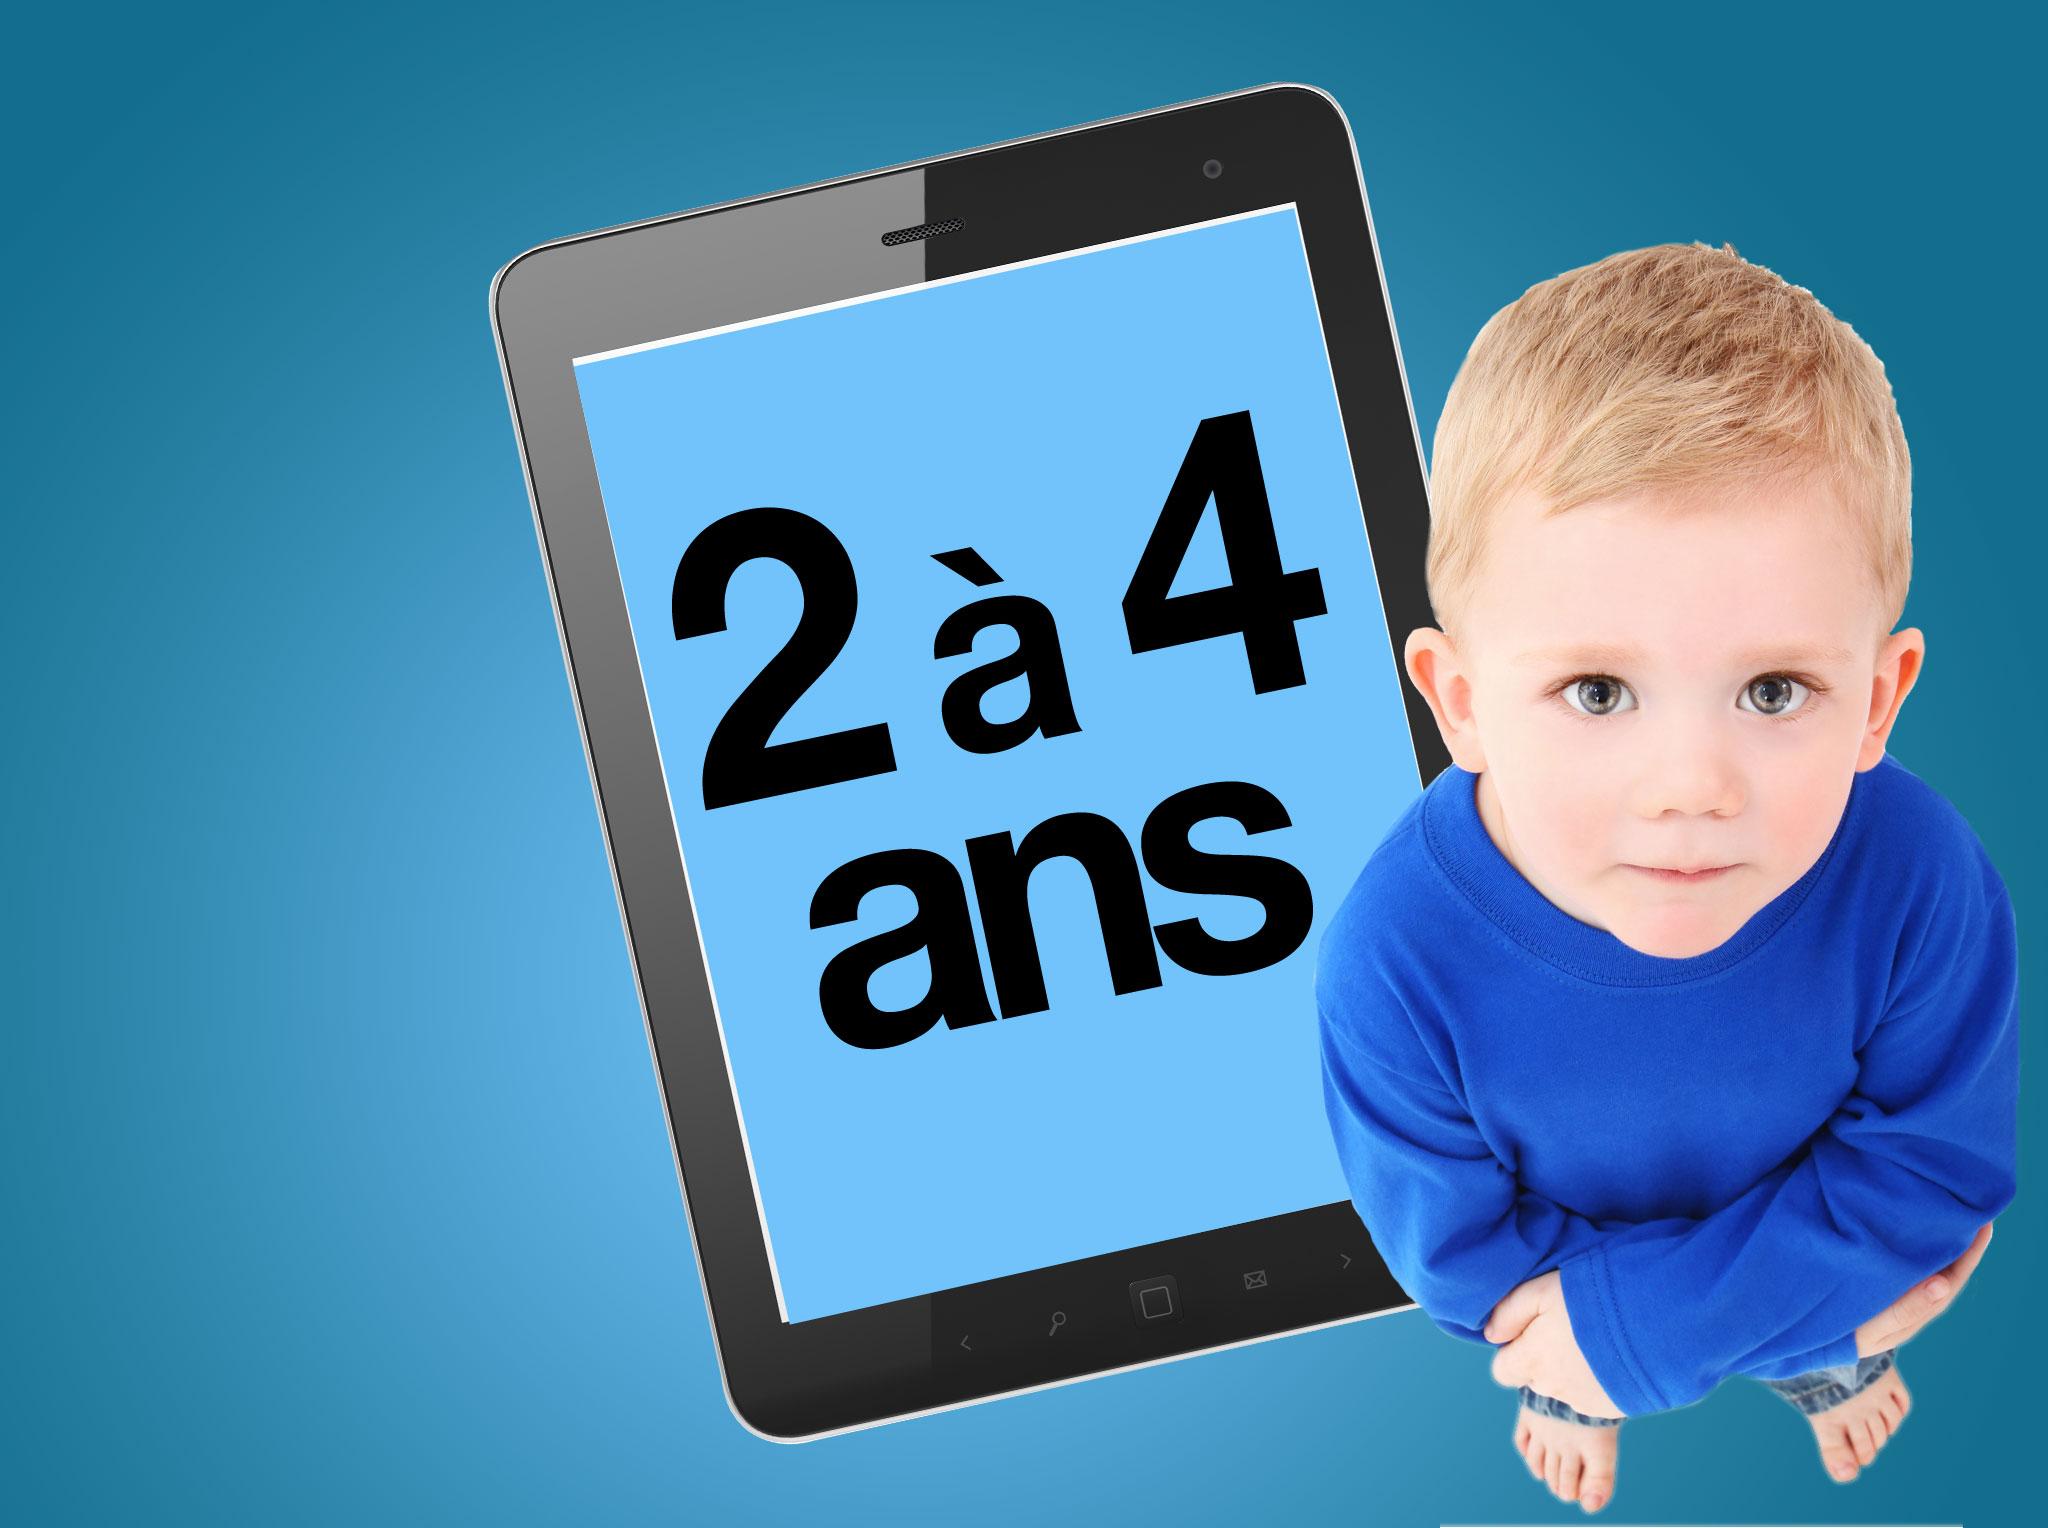 Jeux Sur Tablette: 64 Choix Pour Enfants   Protégez-Vous.ca dedans Jeux Educatif 2 Ans En Ligne